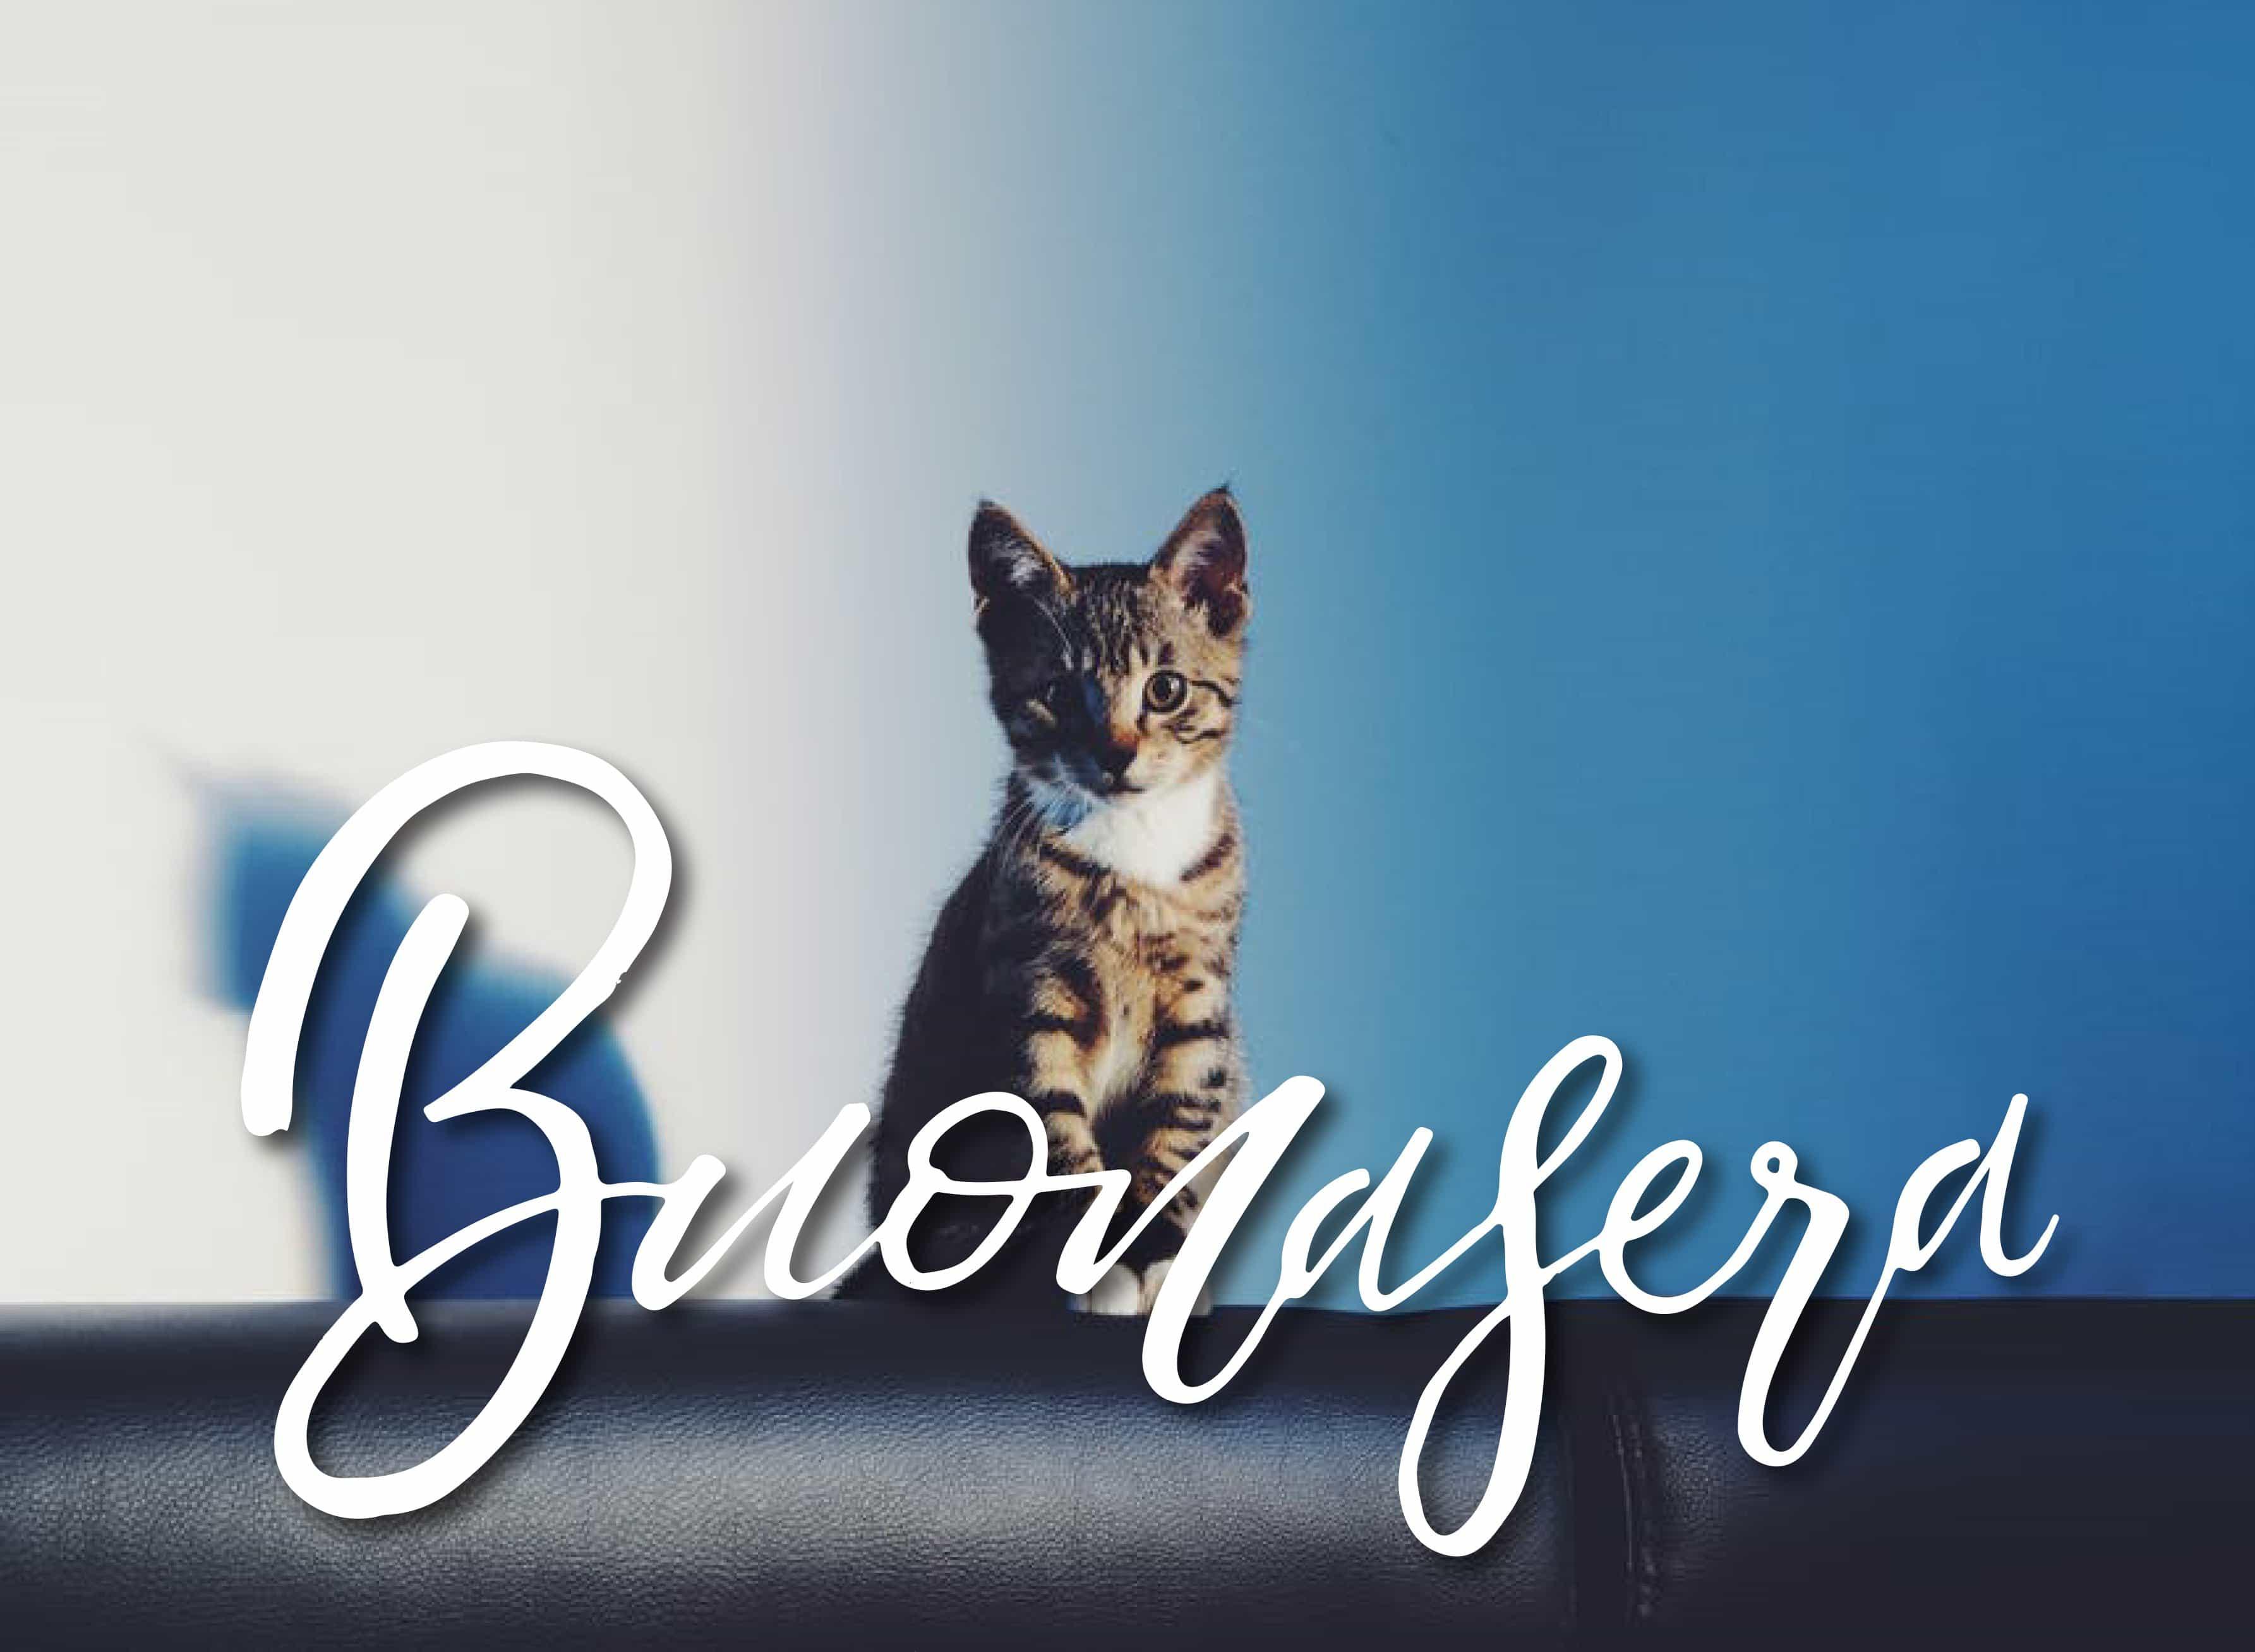 Foto con gatto da augurare buona sera